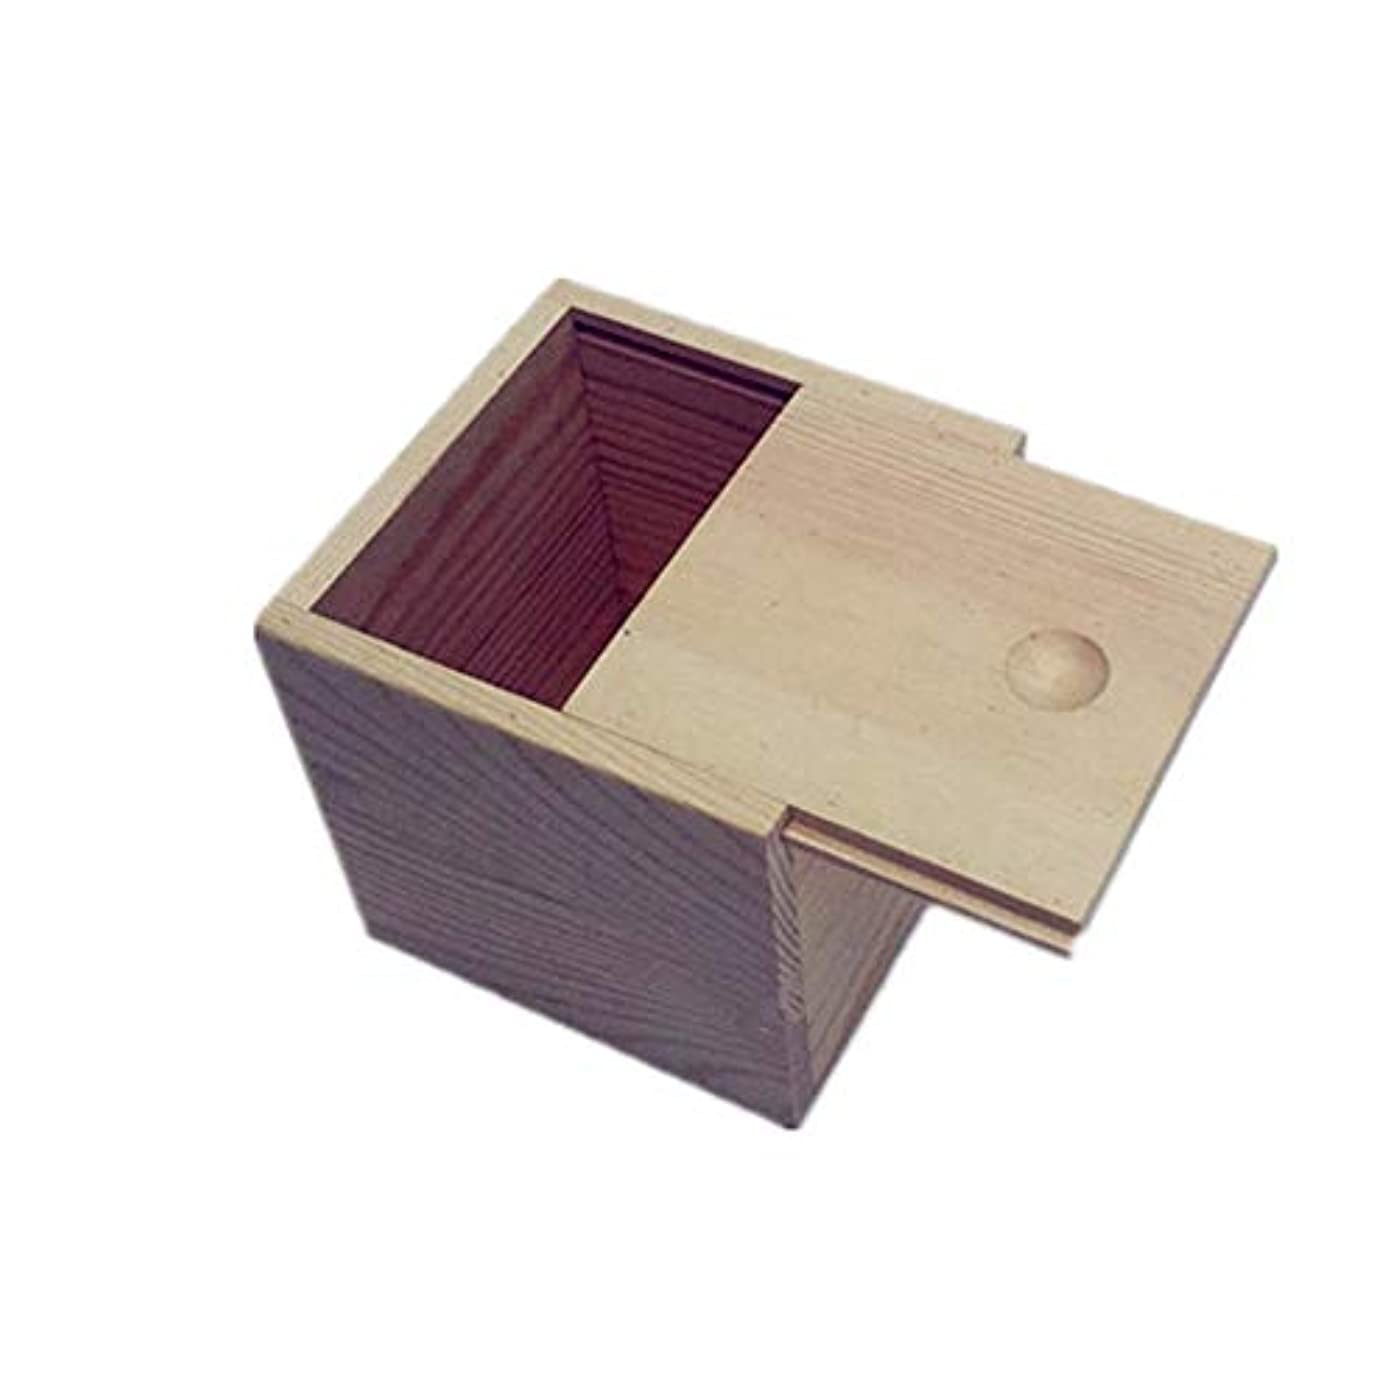 余分な機会腫瘍エッセンシャルオイルの保管 木製のエッセンシャルオイルストレージボックス安全なスペースセーバーあなたの油を維持するためのベスト (色 : Natural, サイズ : 9X9X5CM)